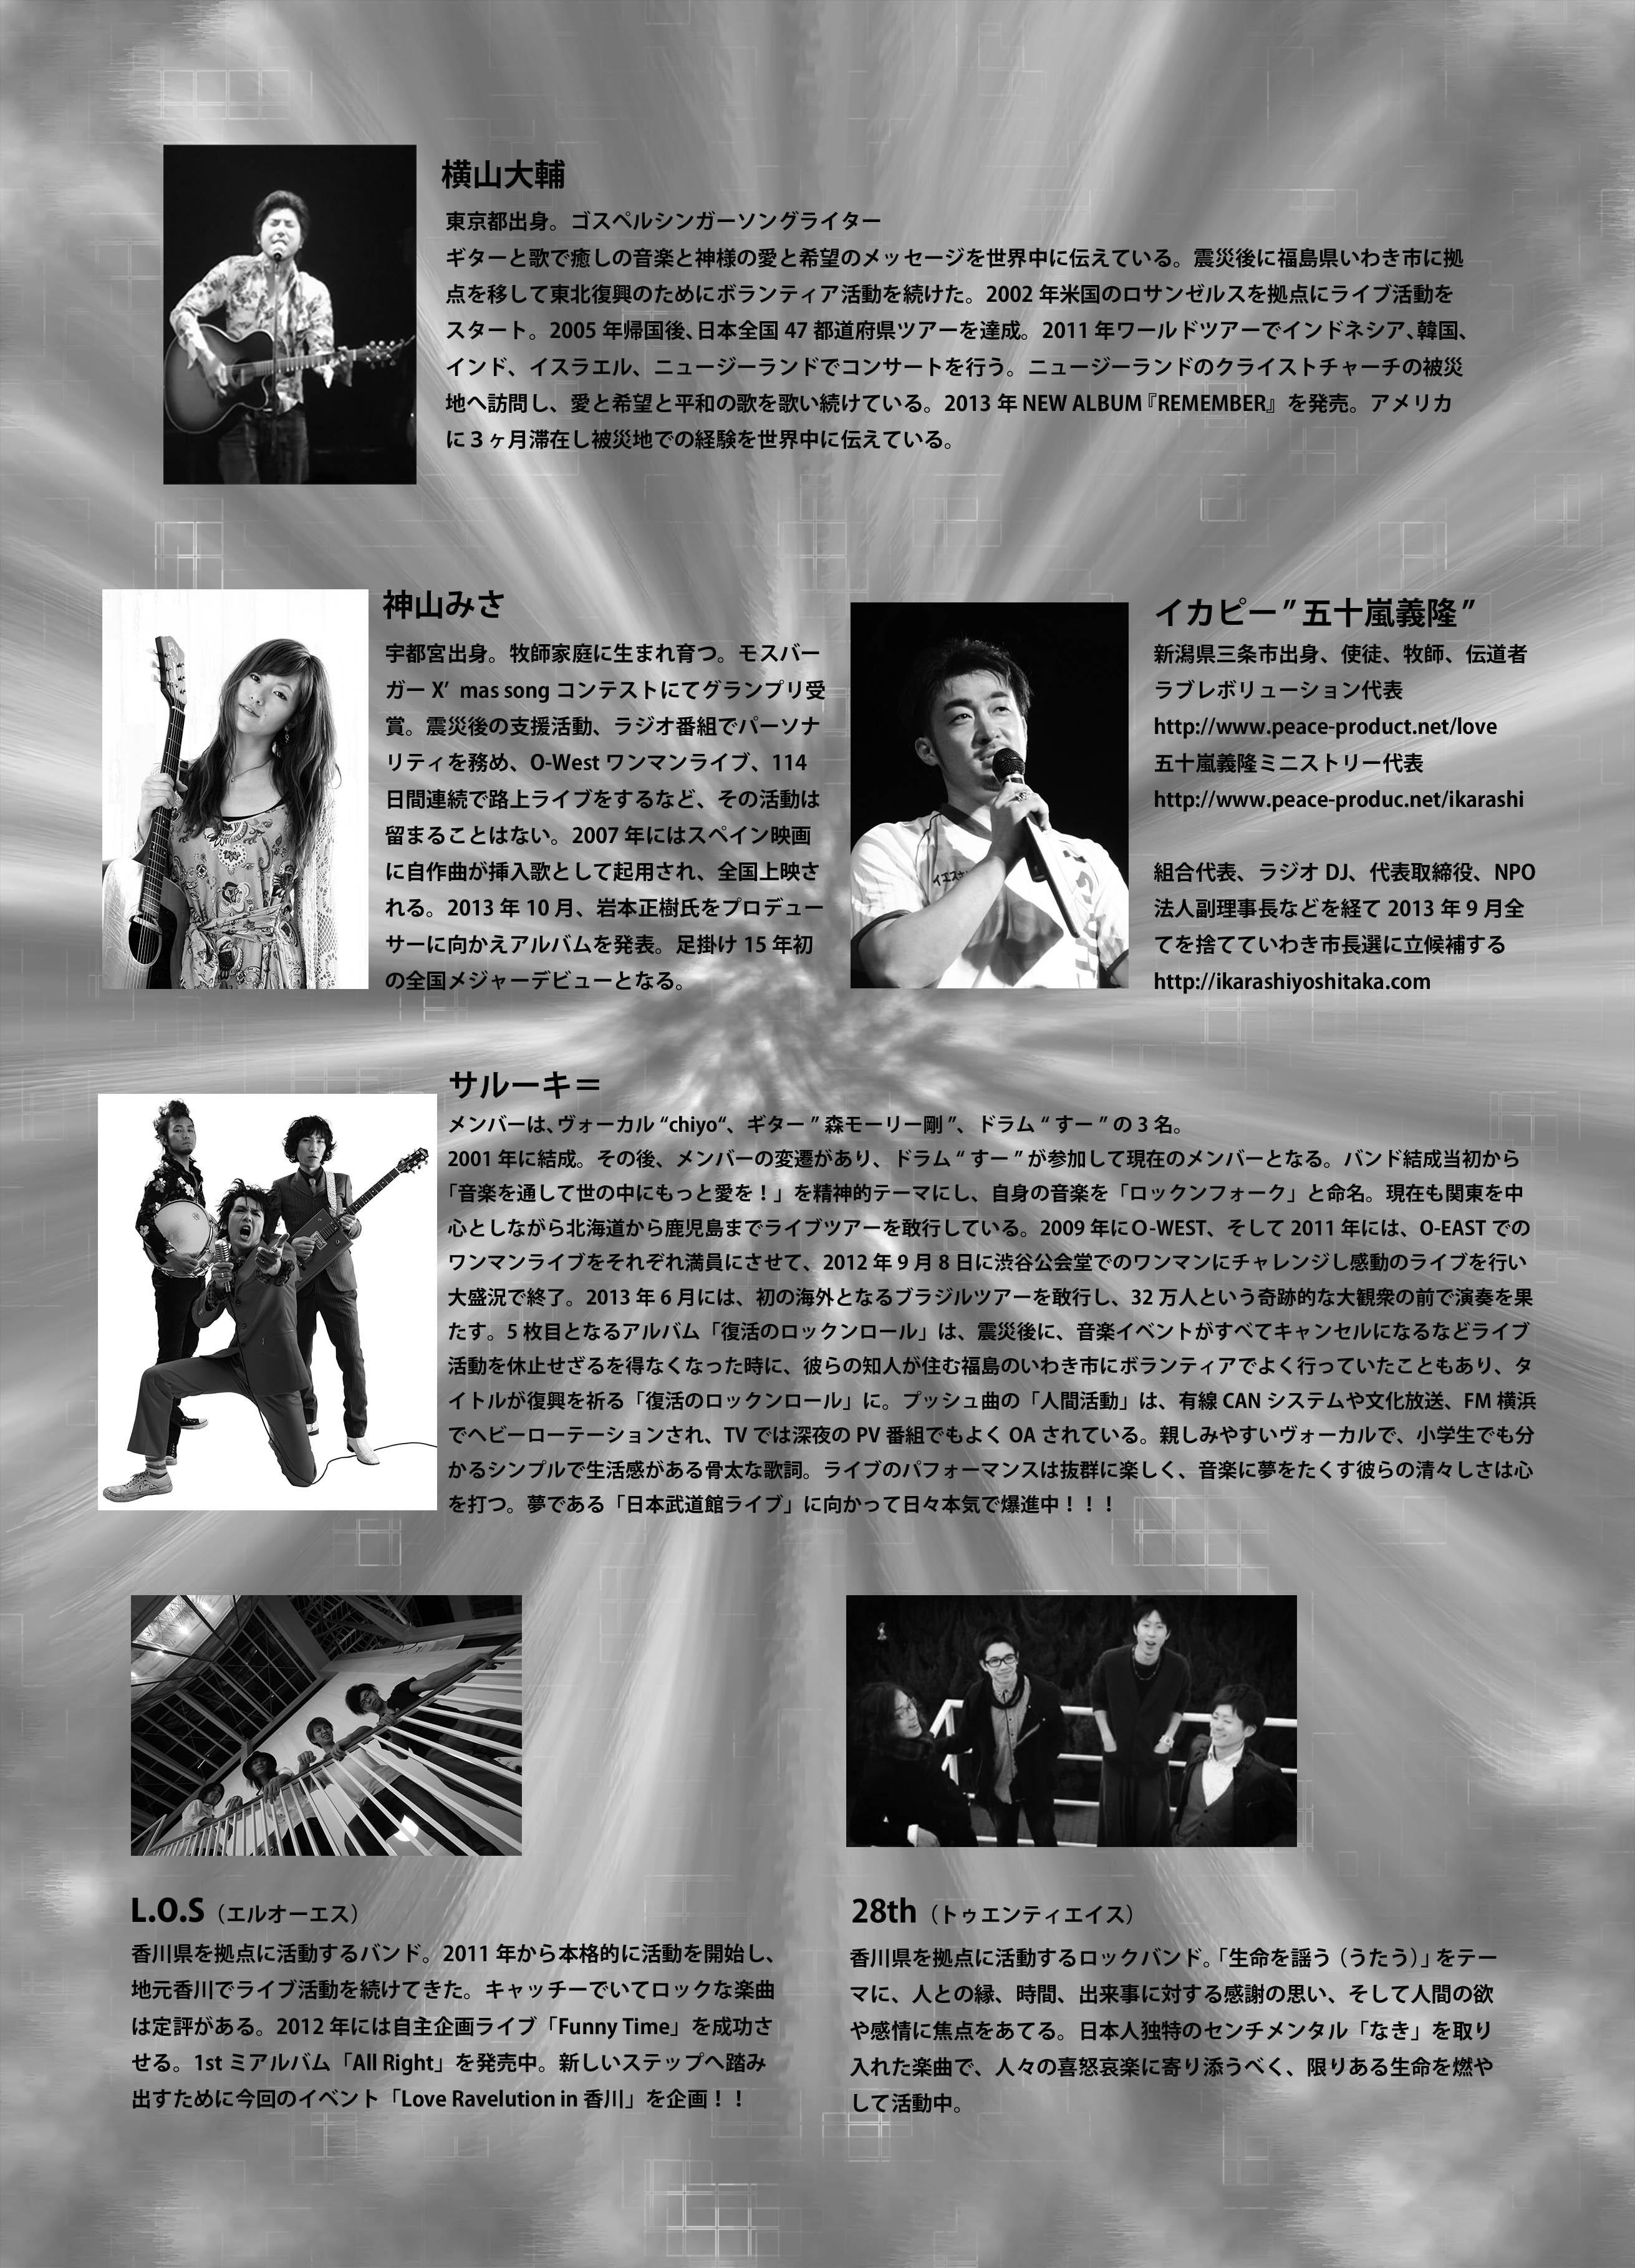 Love Revolution in 香川